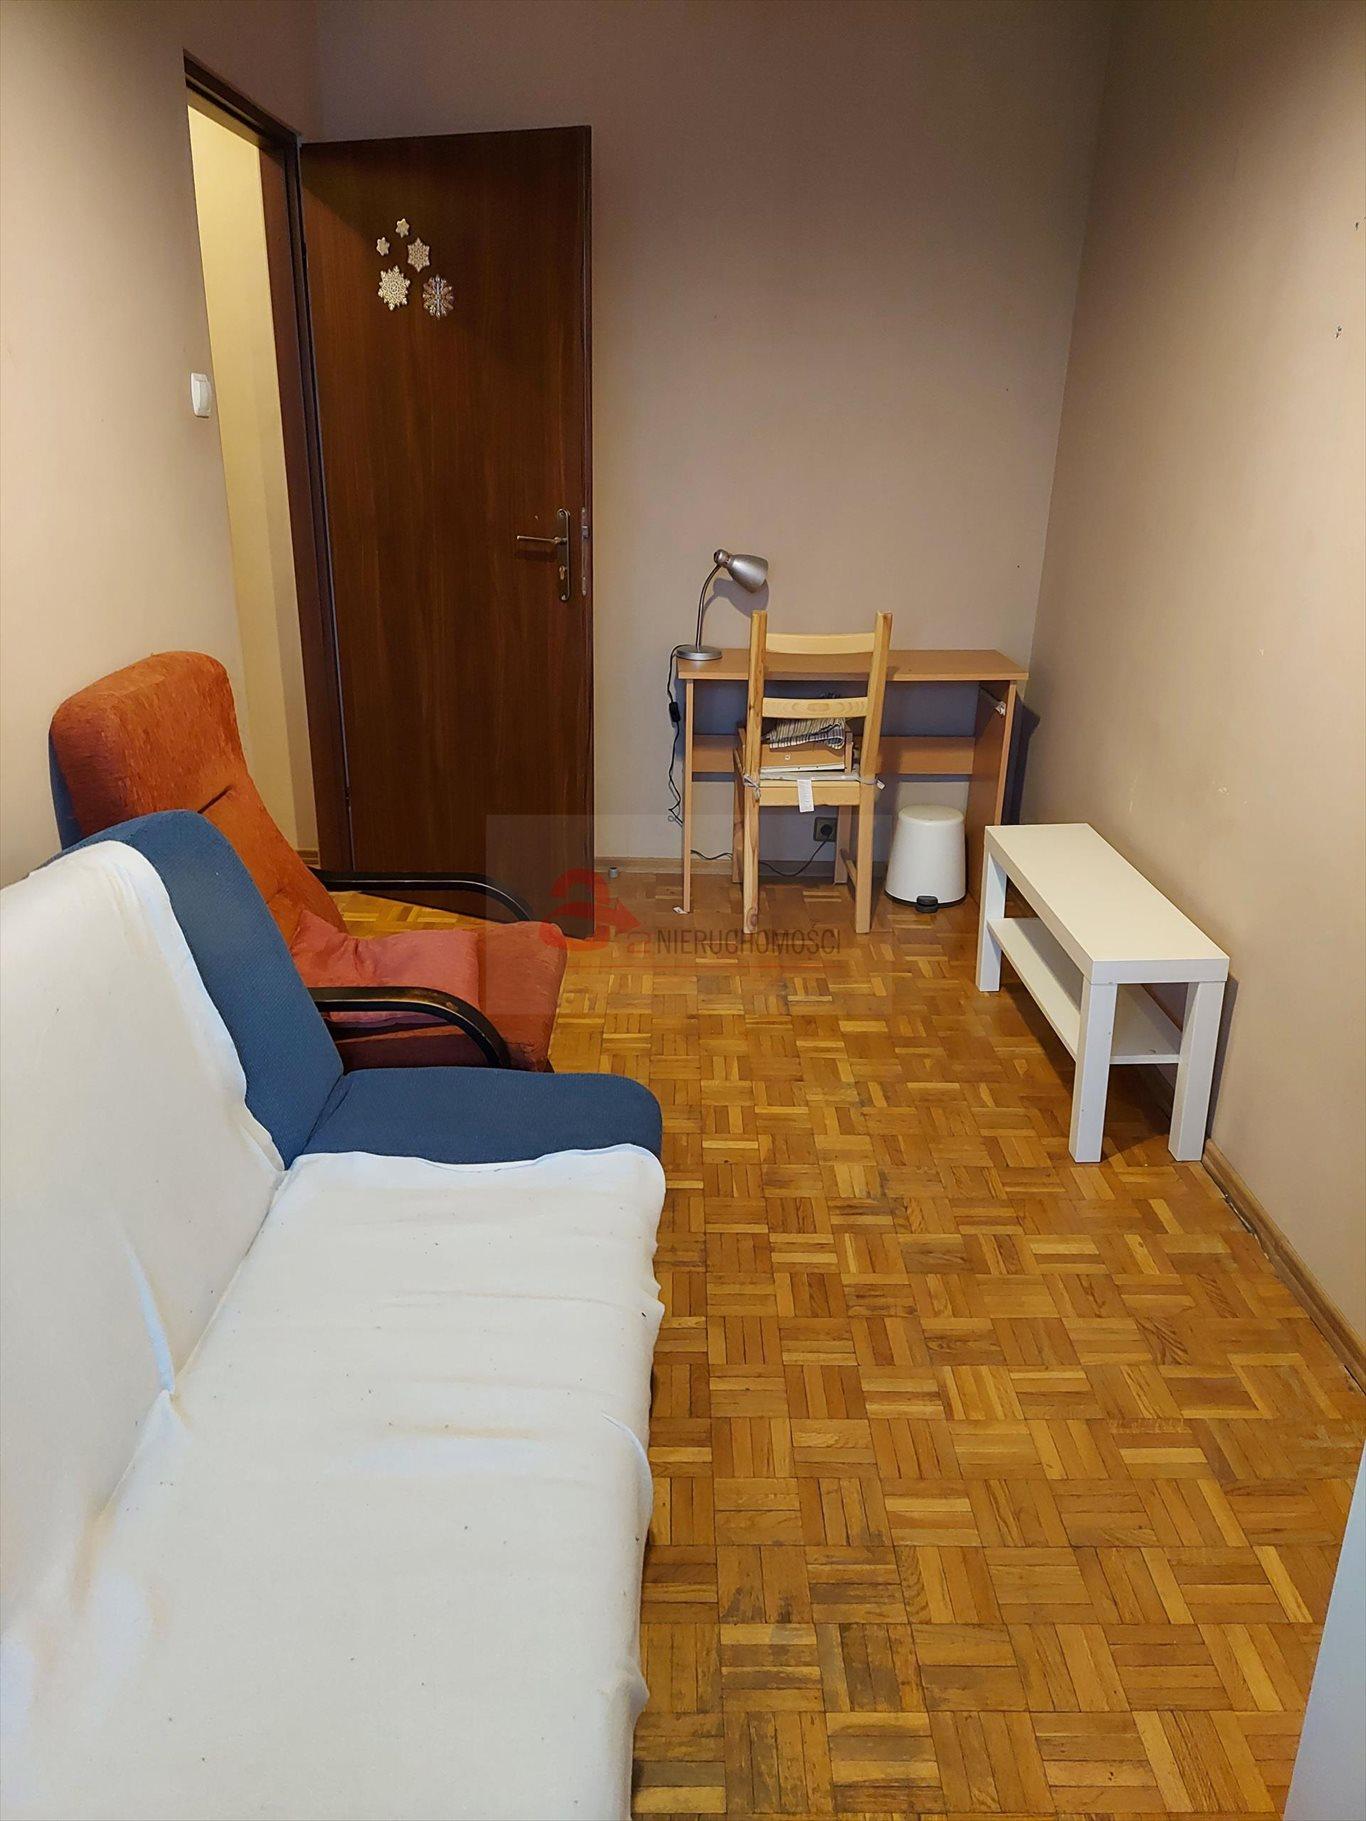 Mieszkanie trzypokojowe na sprzedaż Poznań, Poznań-Stare Miasto, Piątkowo, os. Bolesława Chrobrego  50m2 Foto 9